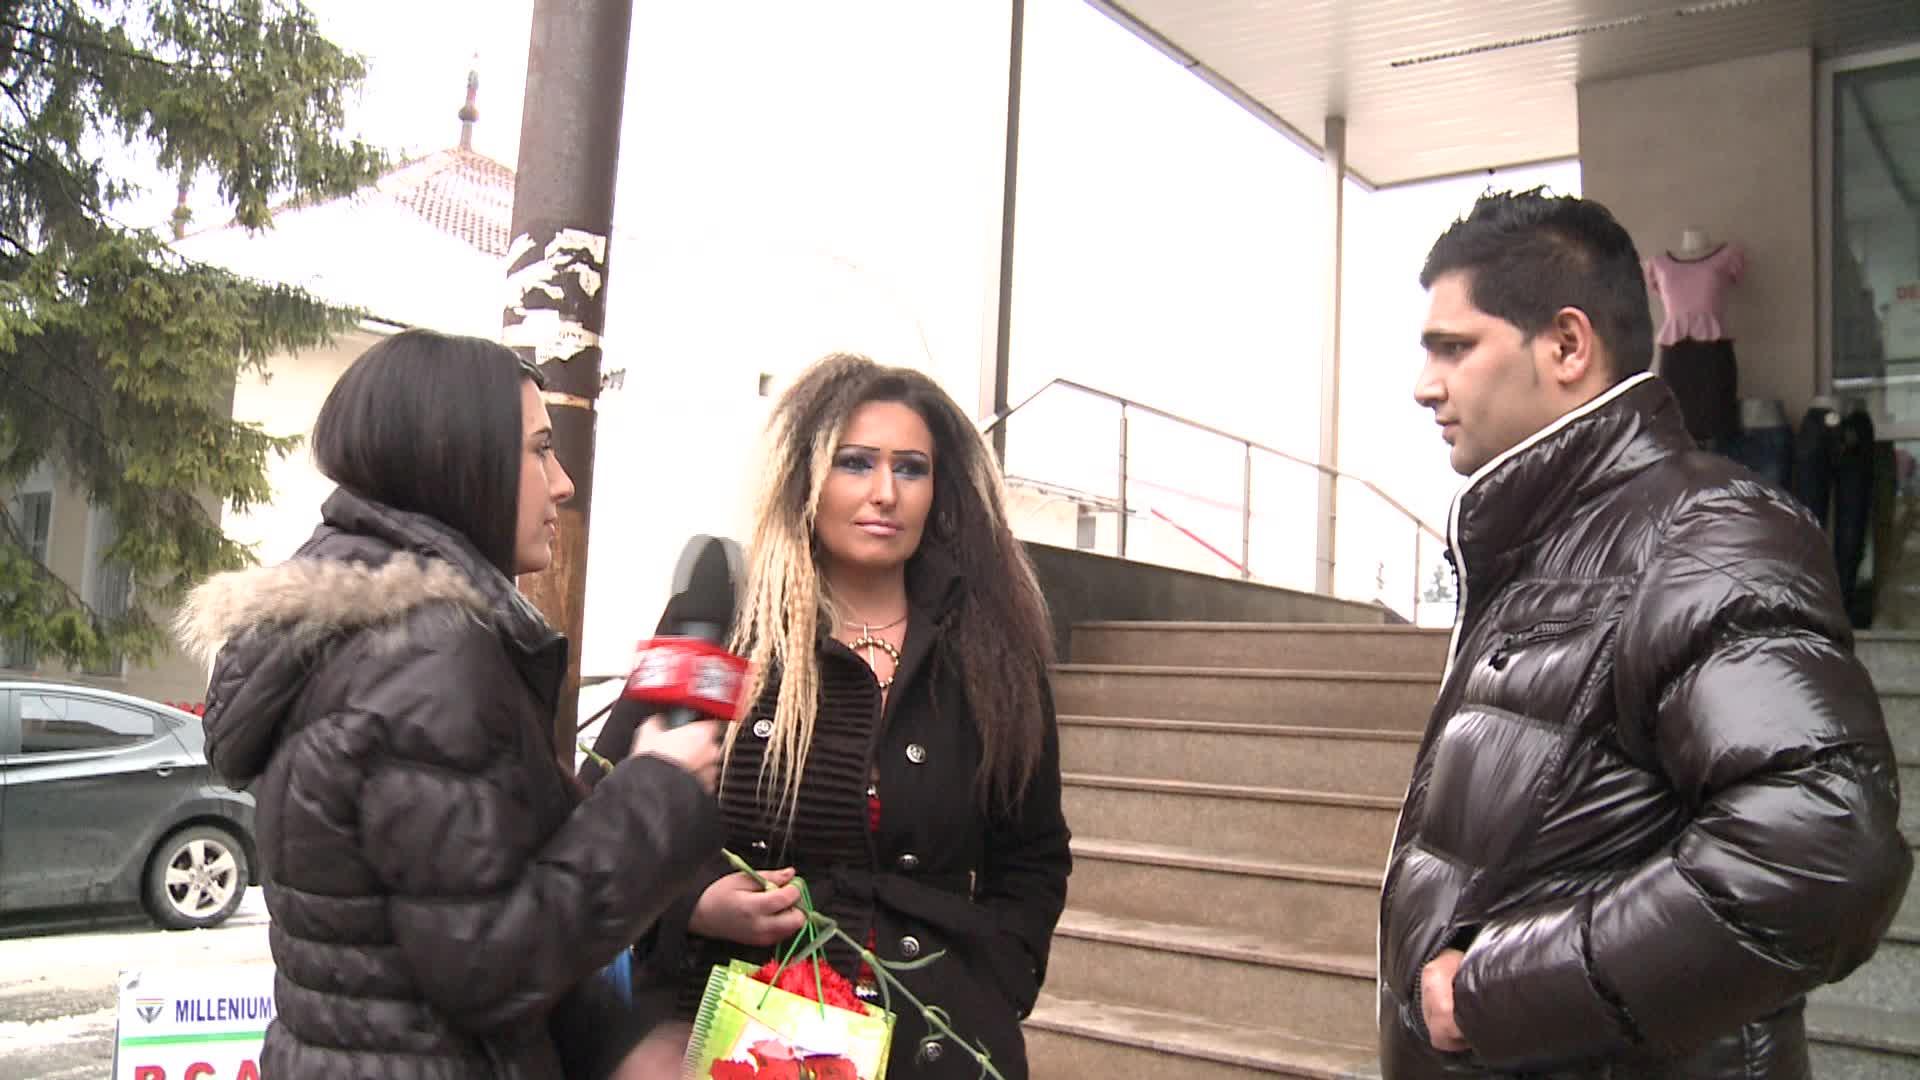 Baldovin a fost refuzat de toate femeile pe care le-a oprit pe strada